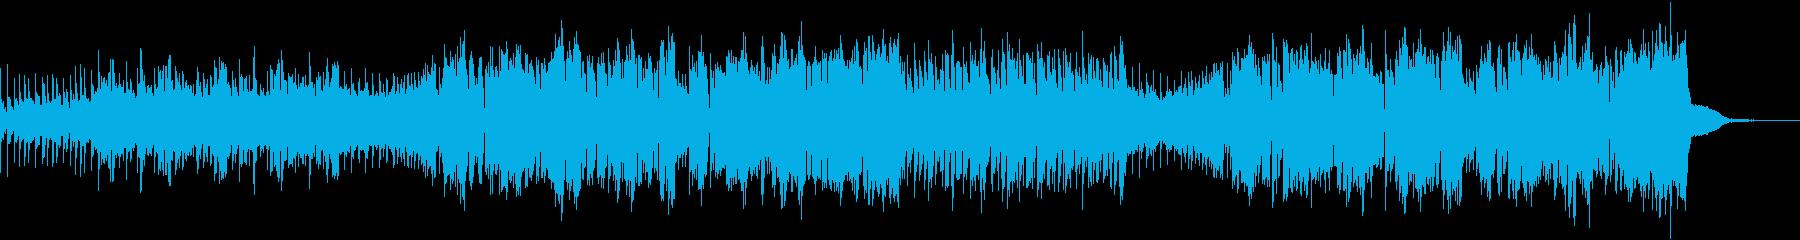 透明感溢れるフューチャーベースの再生済みの波形